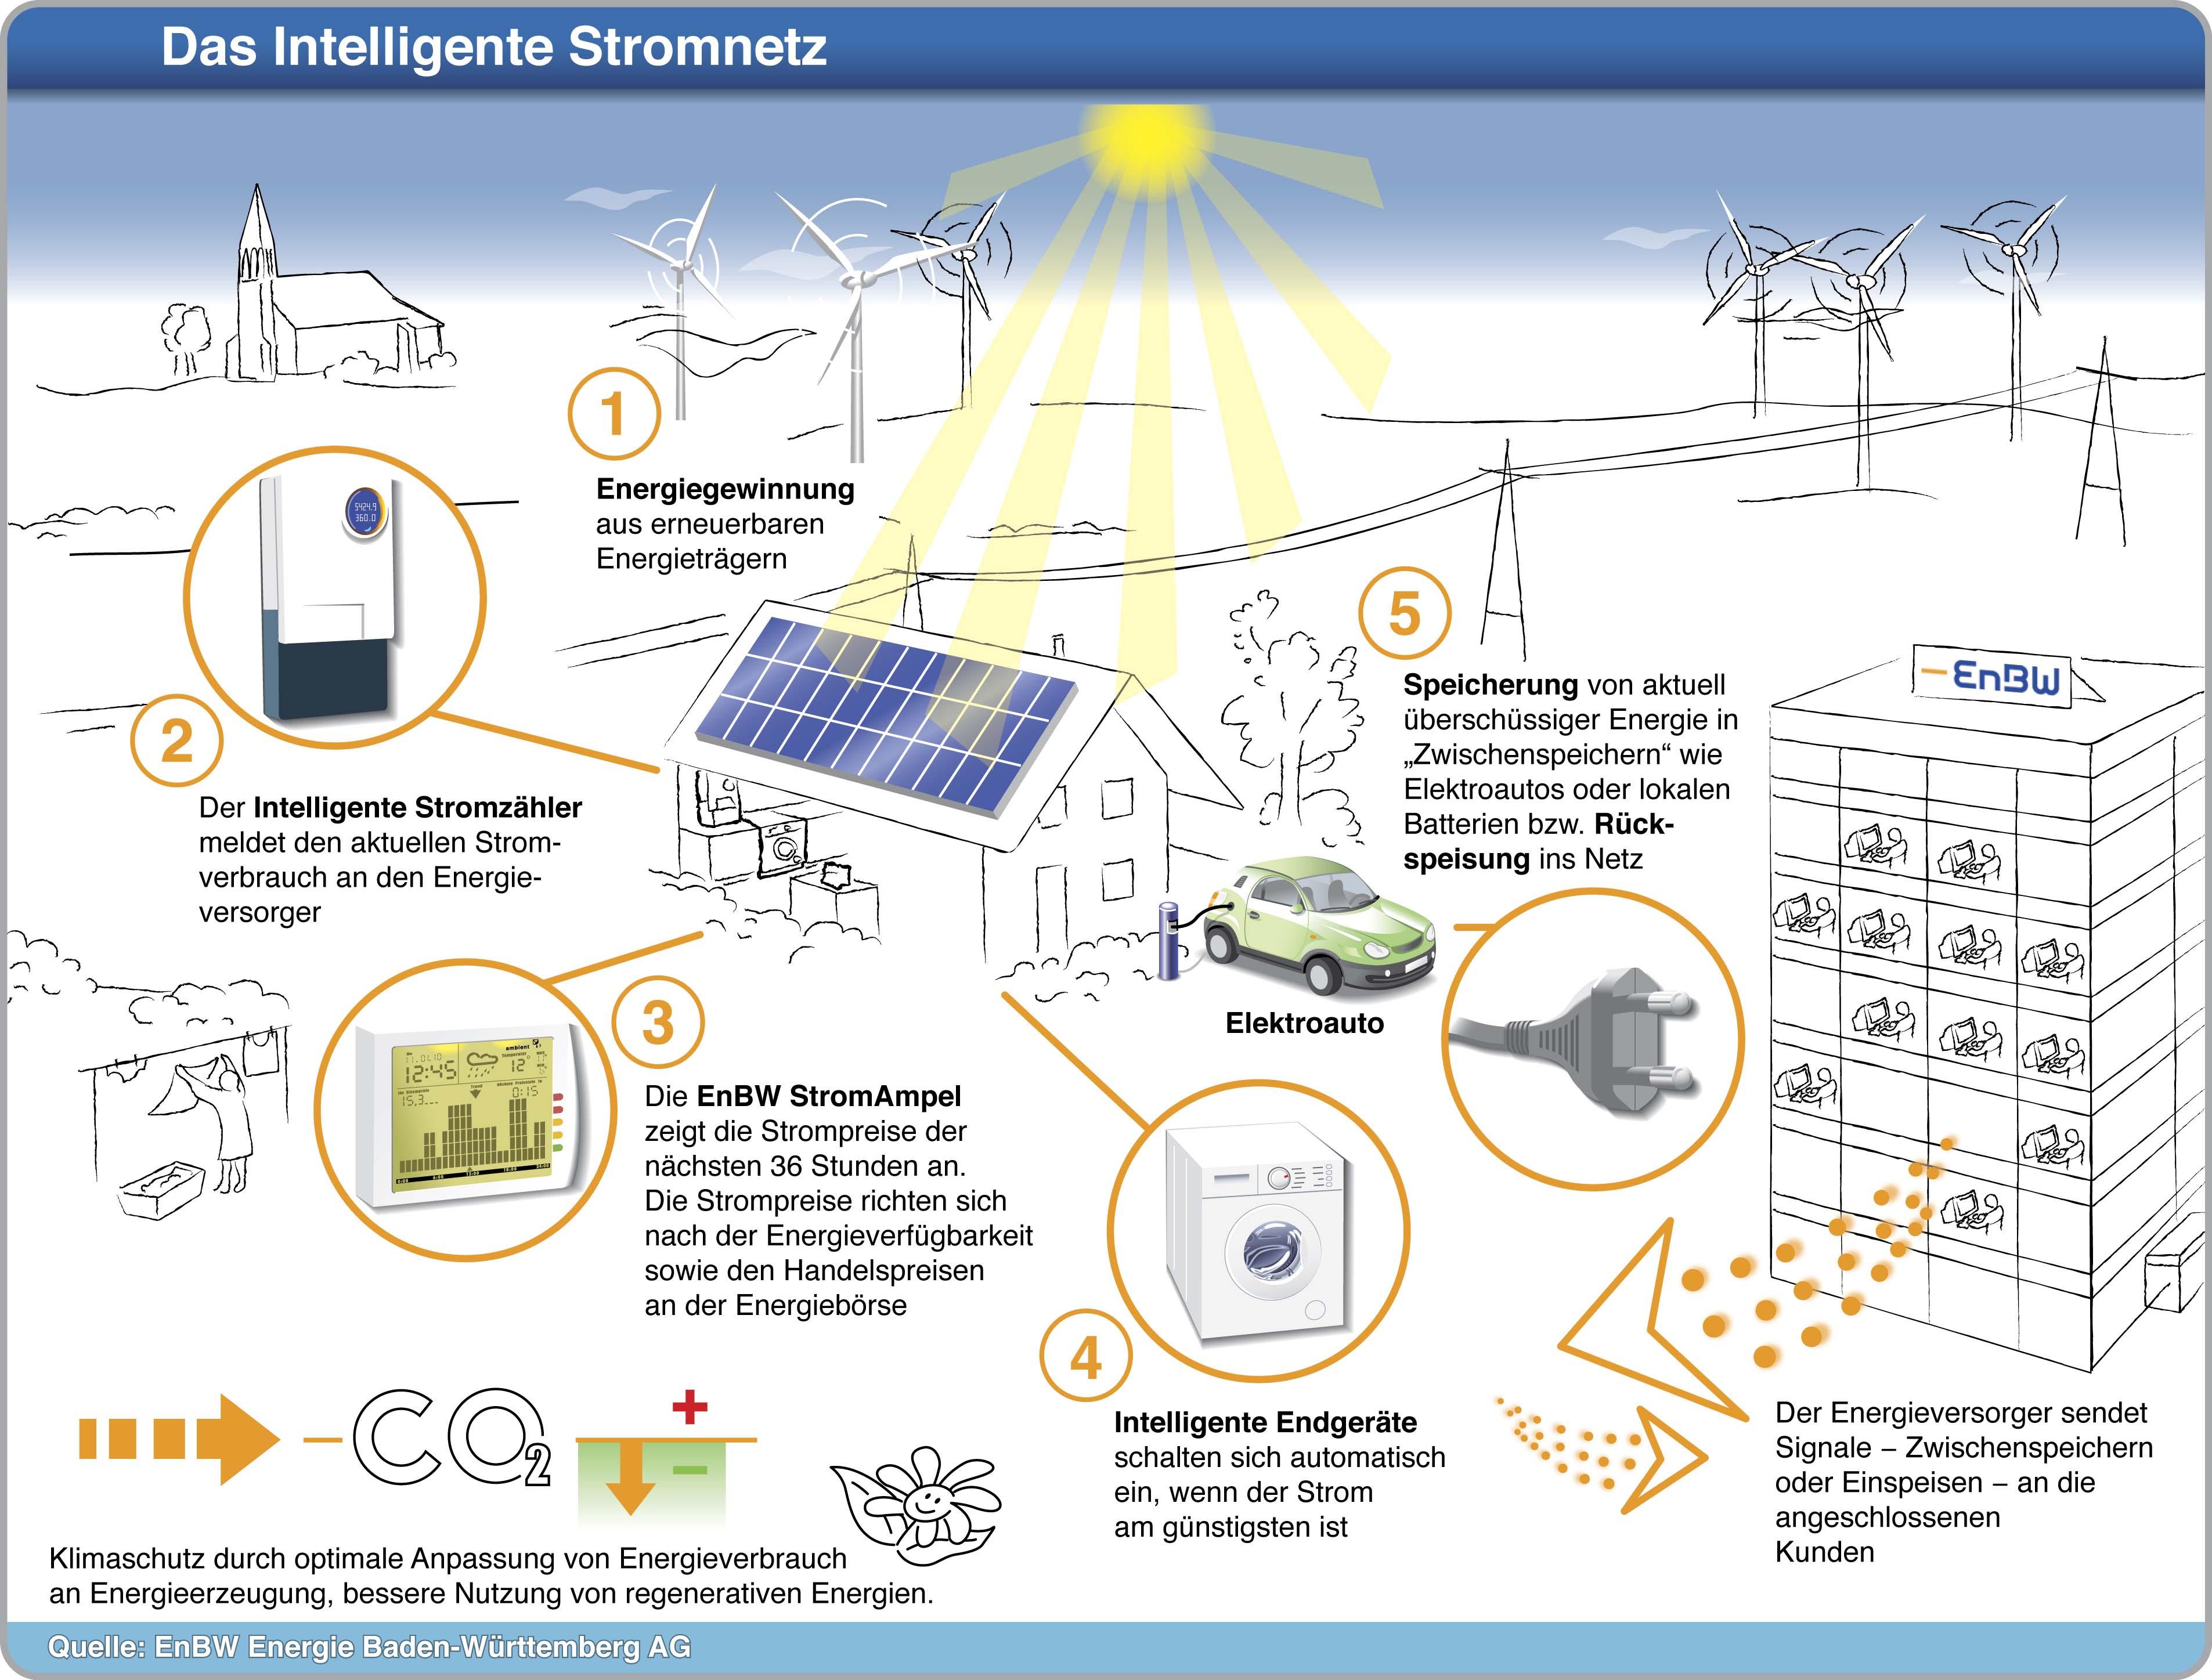 Das intelligente Stromnetz